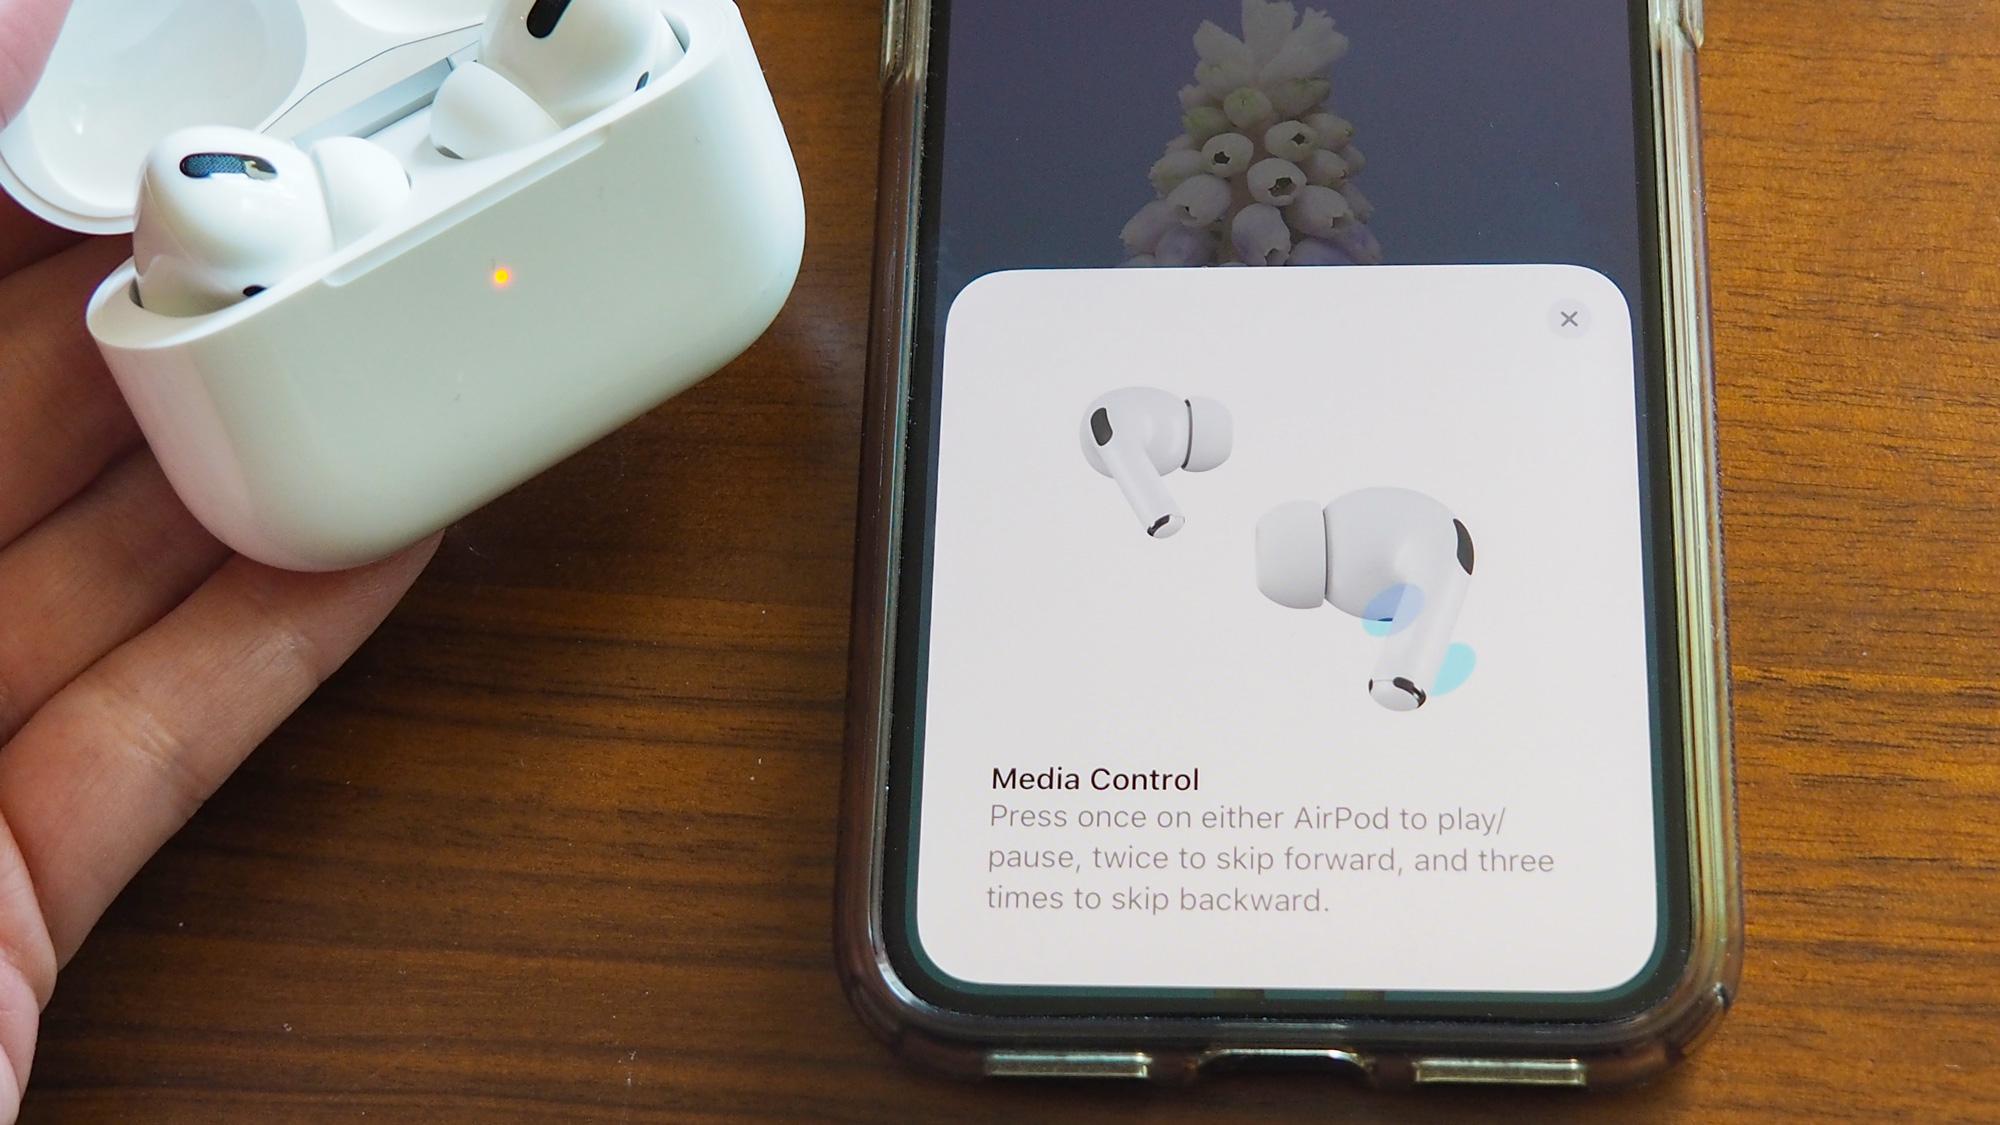 Su iPhone lo guiará a través de las funciones de AirPods.